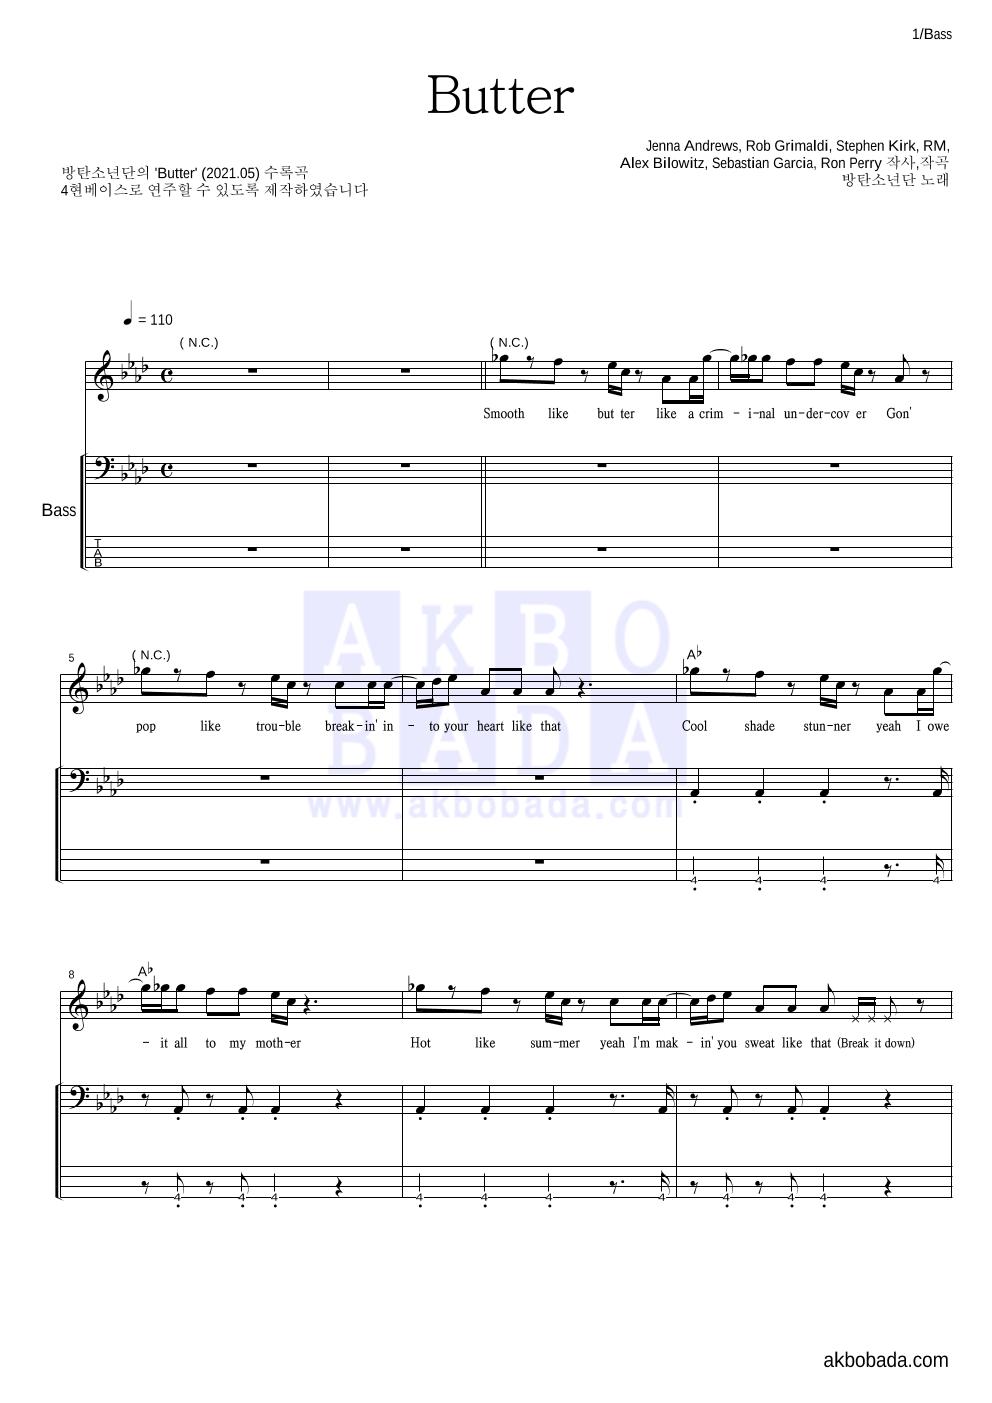 방탄소년단 - Butter 베이스 악보